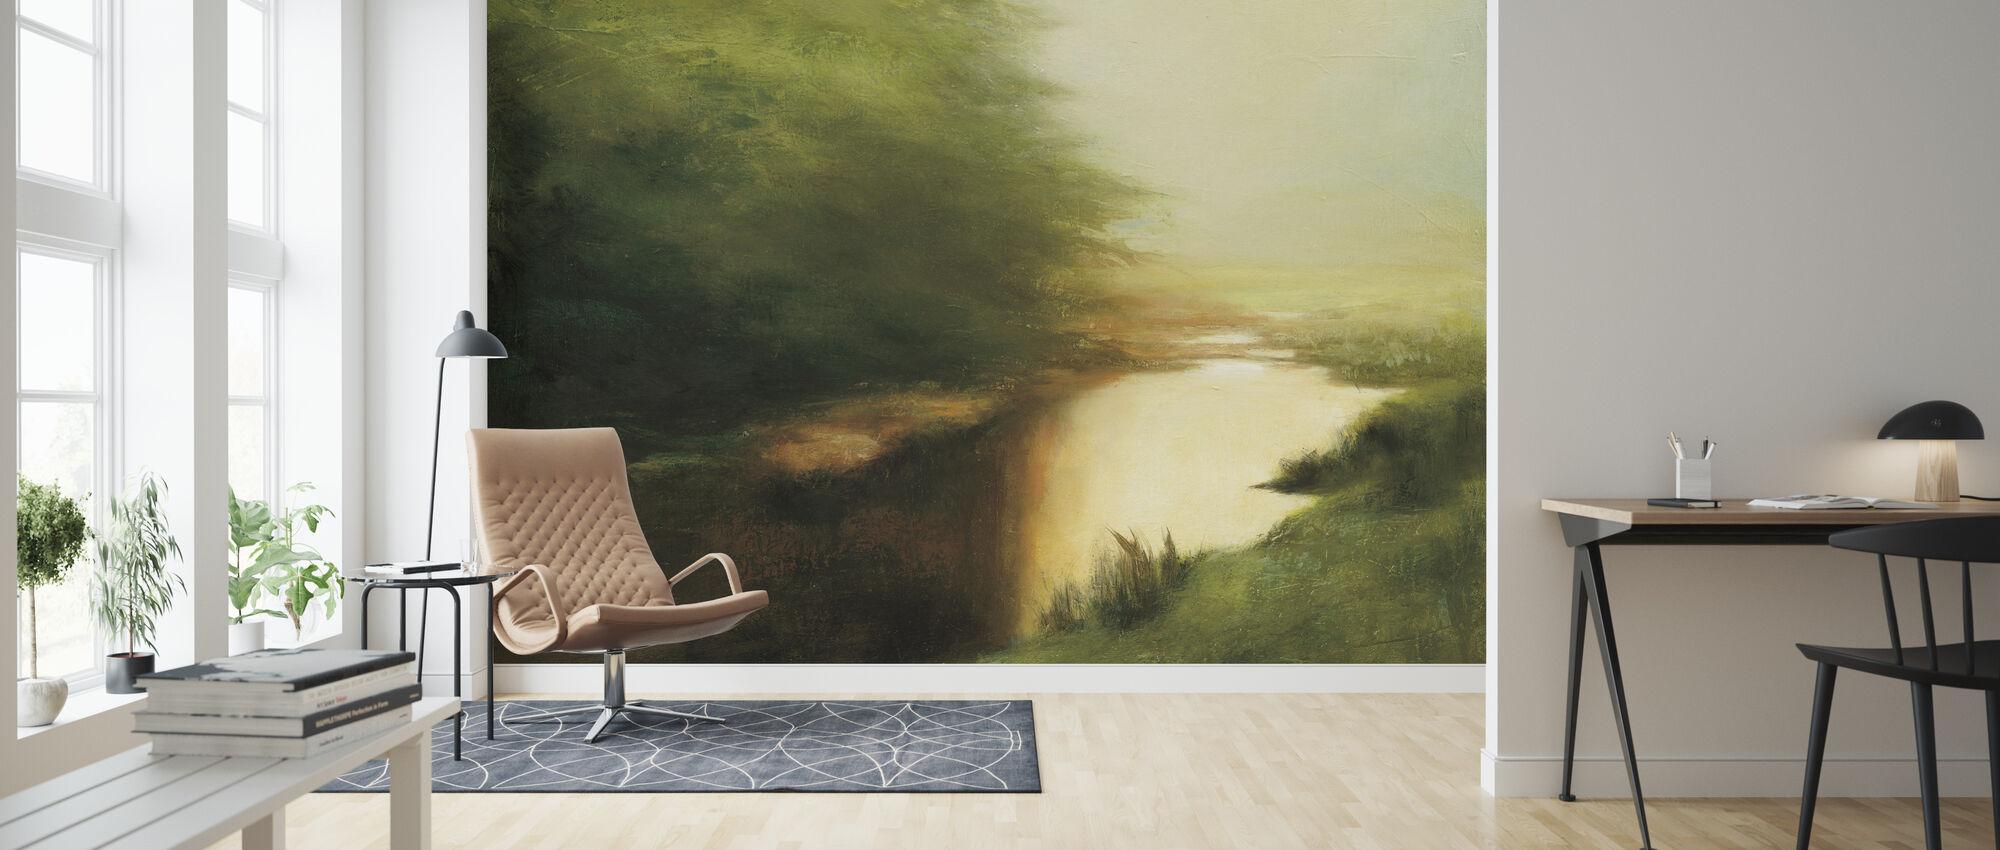 Spring Morning - Wallpaper - Living Room